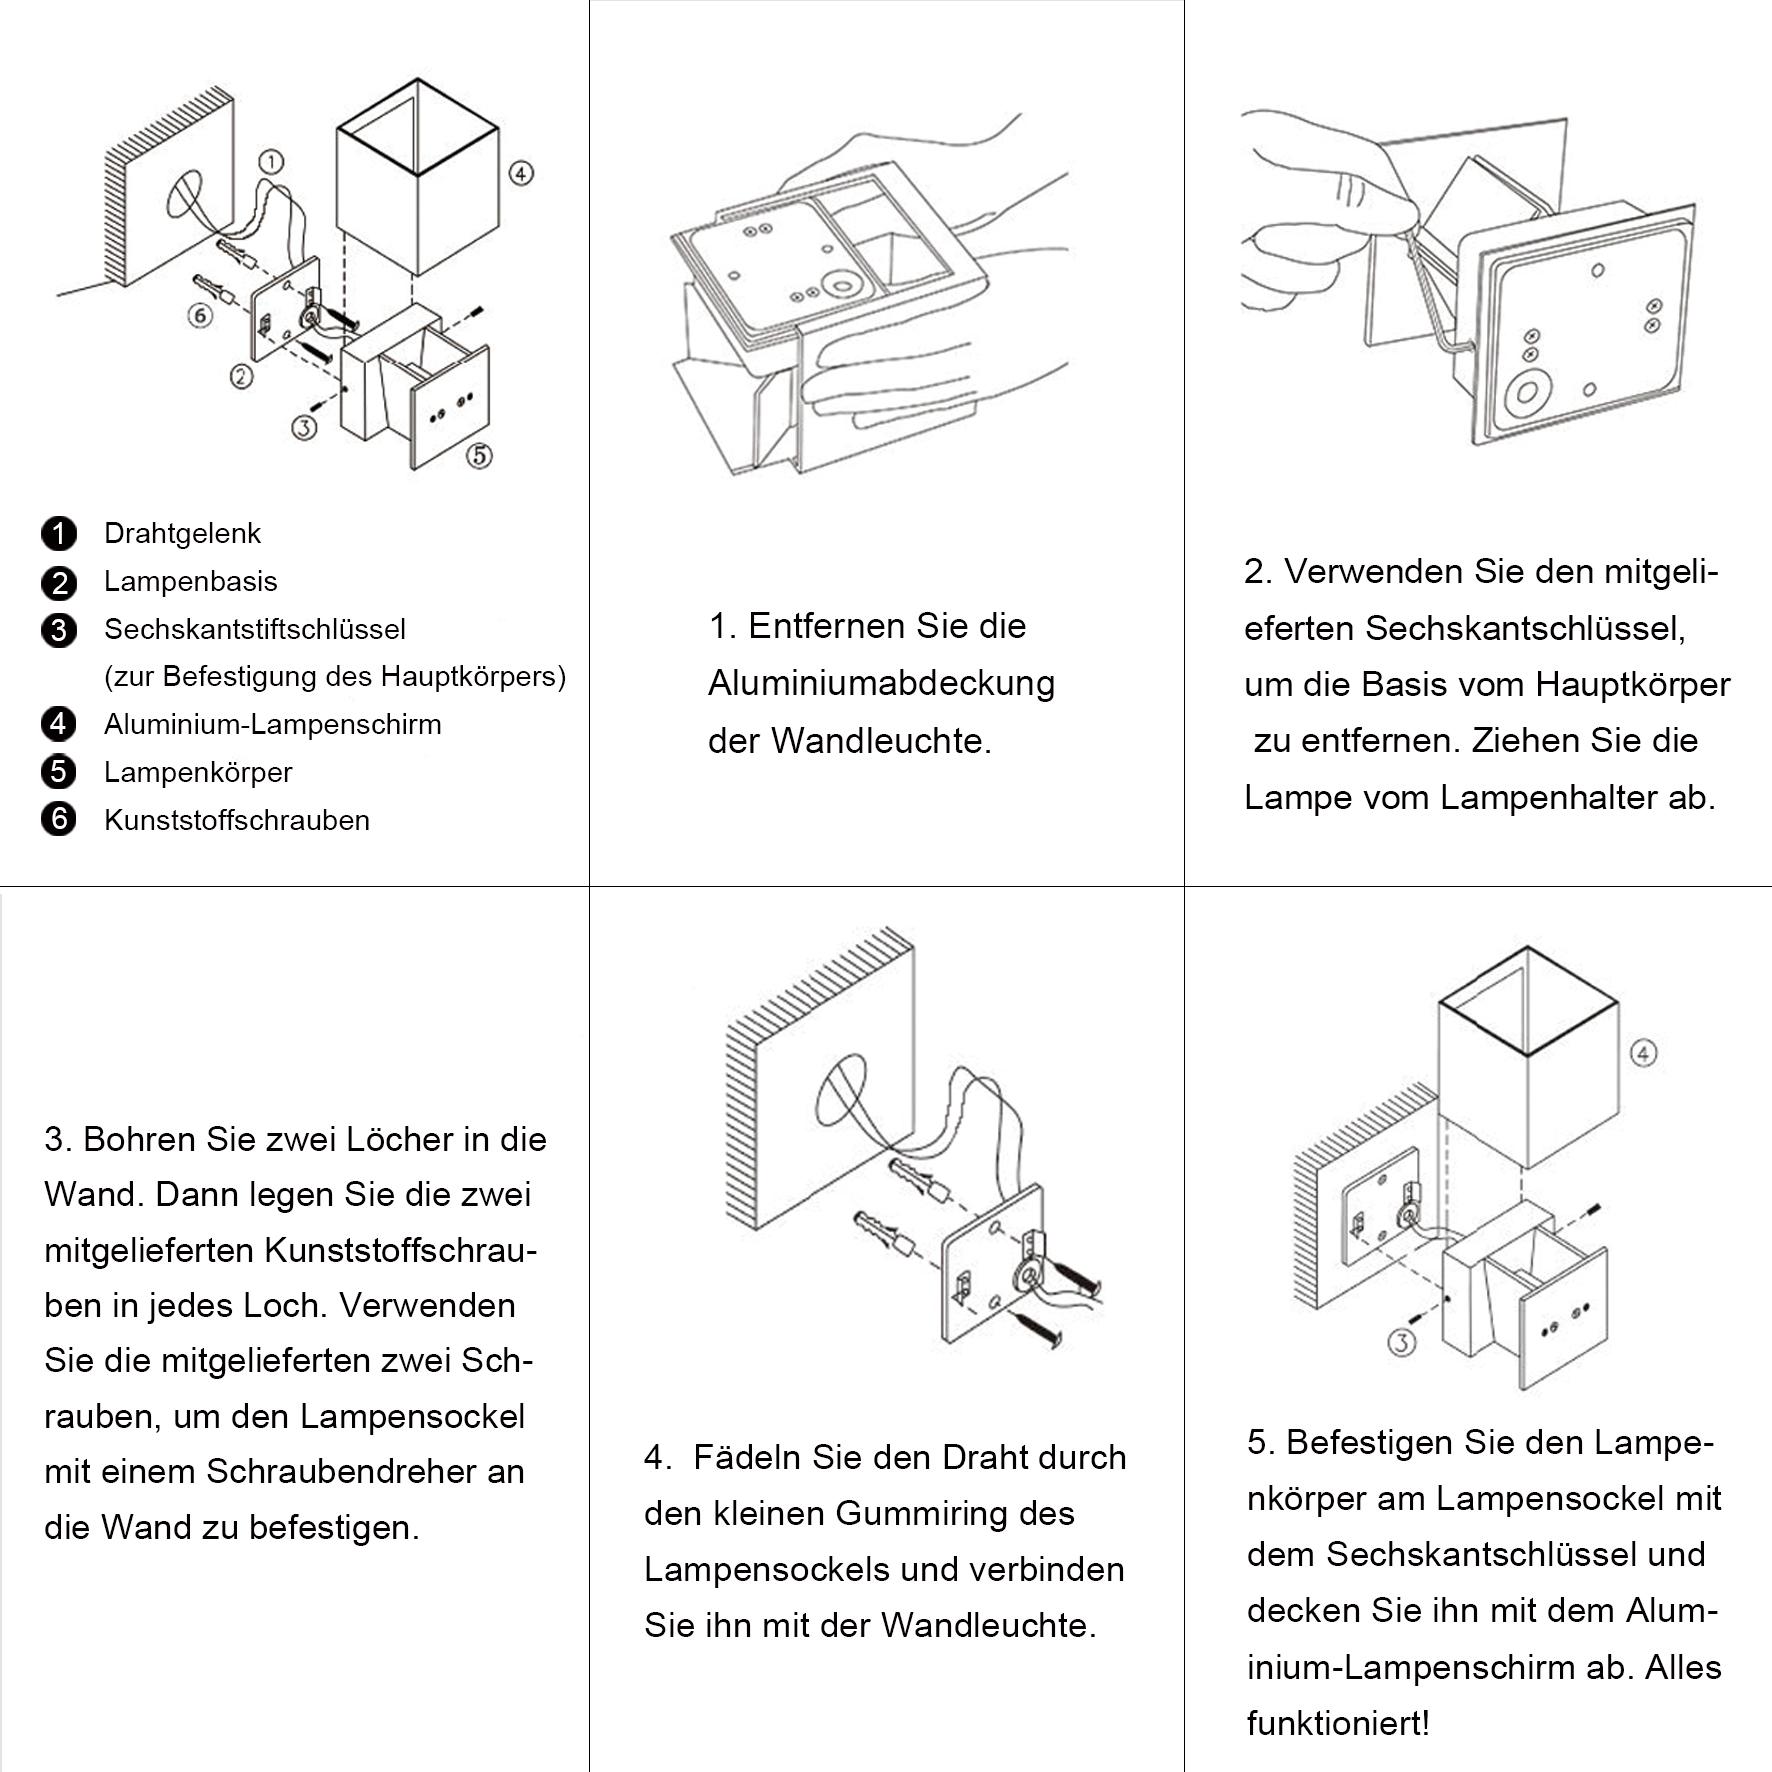 Beste 3 Draht Humbucker Schaltplan Bilder - Der Schaltplan ...